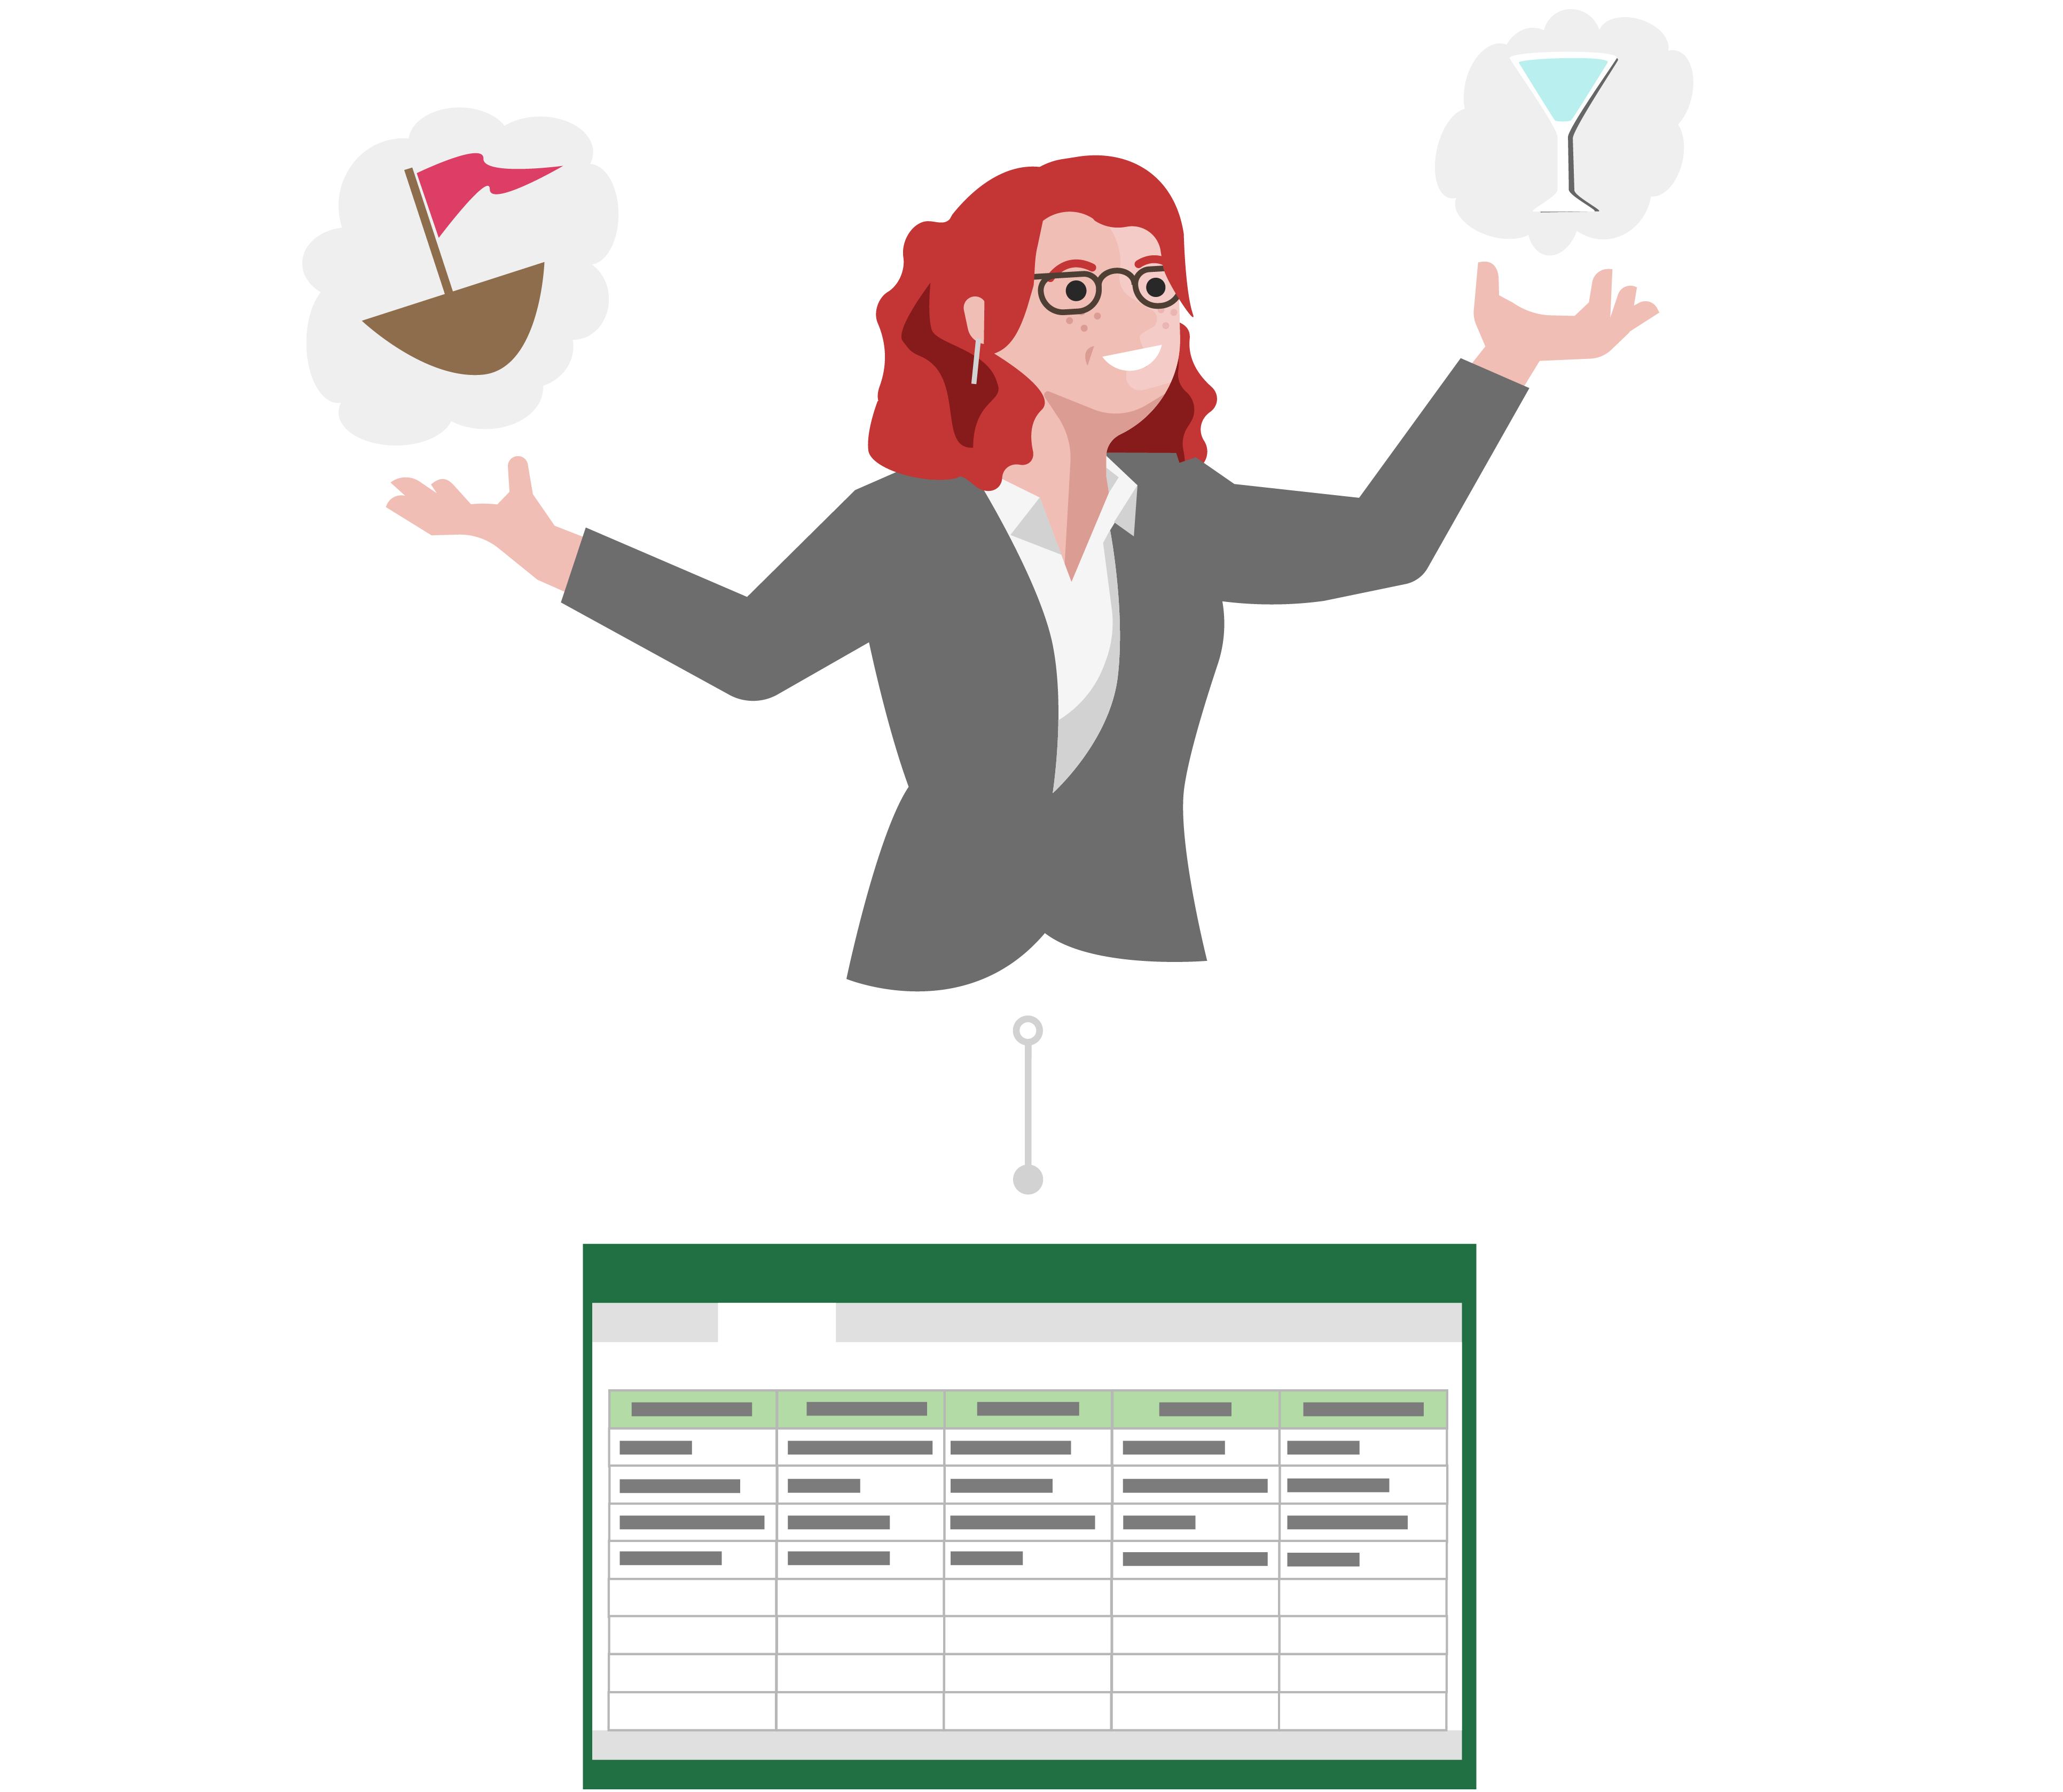 Linda ha bisogno di feedback sulle sue idee, quindi crea un foglio di calcolo e lo salva nel cloud.